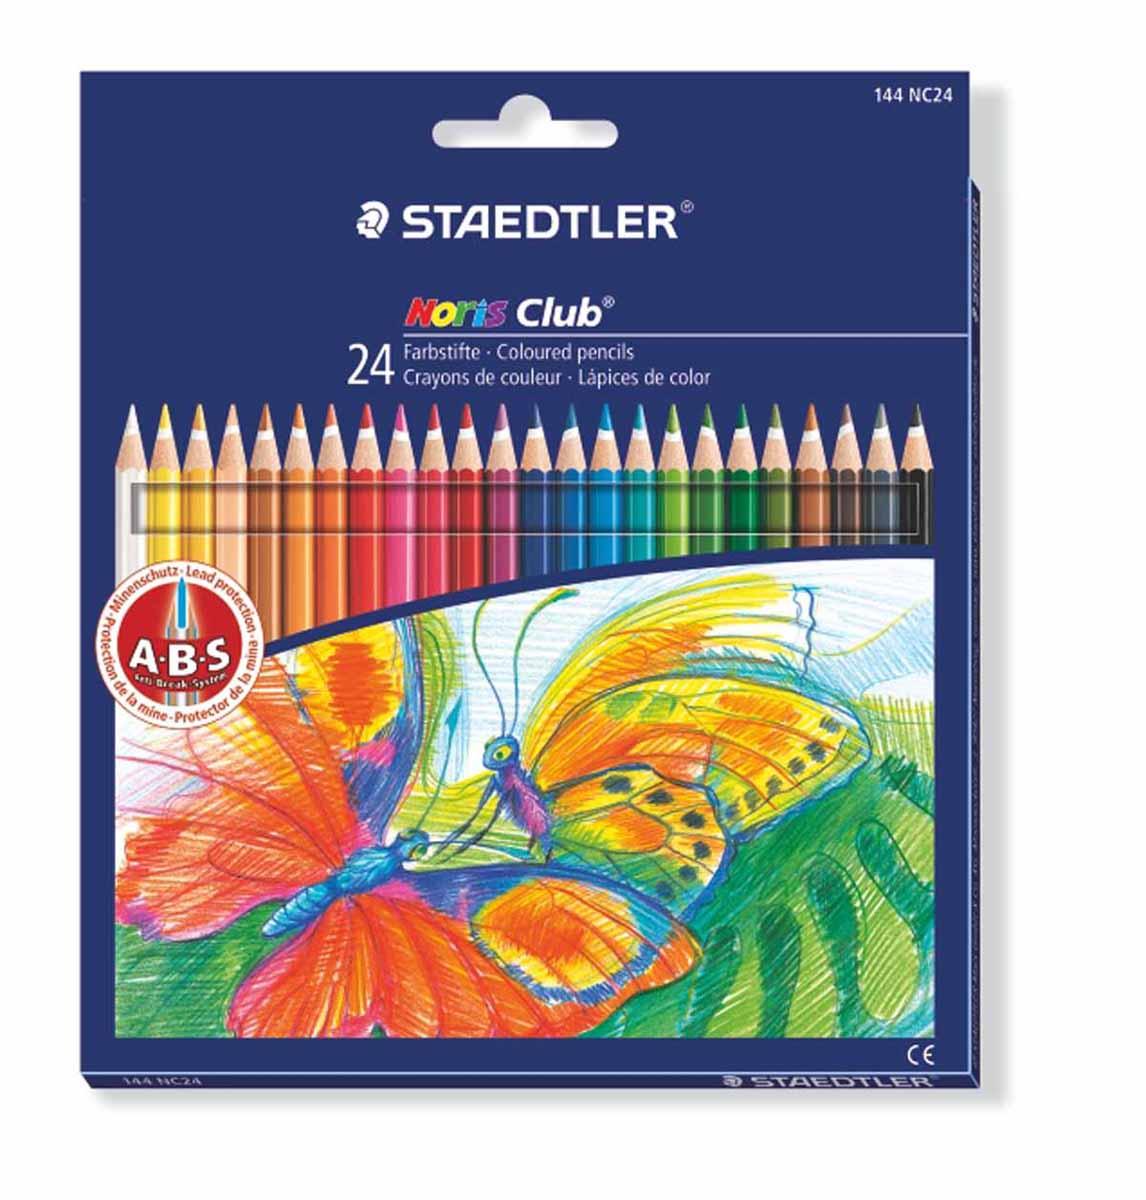 Staedtler Набор цветных карандашей Noris Club 24 цвета144NC2410Цветные карандаши Staedtler Noris Club обладают классической шестиугольной формой. Разработанные специально для детей они имеют мягкий грифель и насыщенные цвета, а белое защитное покрытие грифеля (А·B·S) делает его более устойчивым к повреждению. С цветными карандашами Noris Club ваши дети будут создавать яркие и запоминающиеся рисунки. В наборе 24 карандаша.